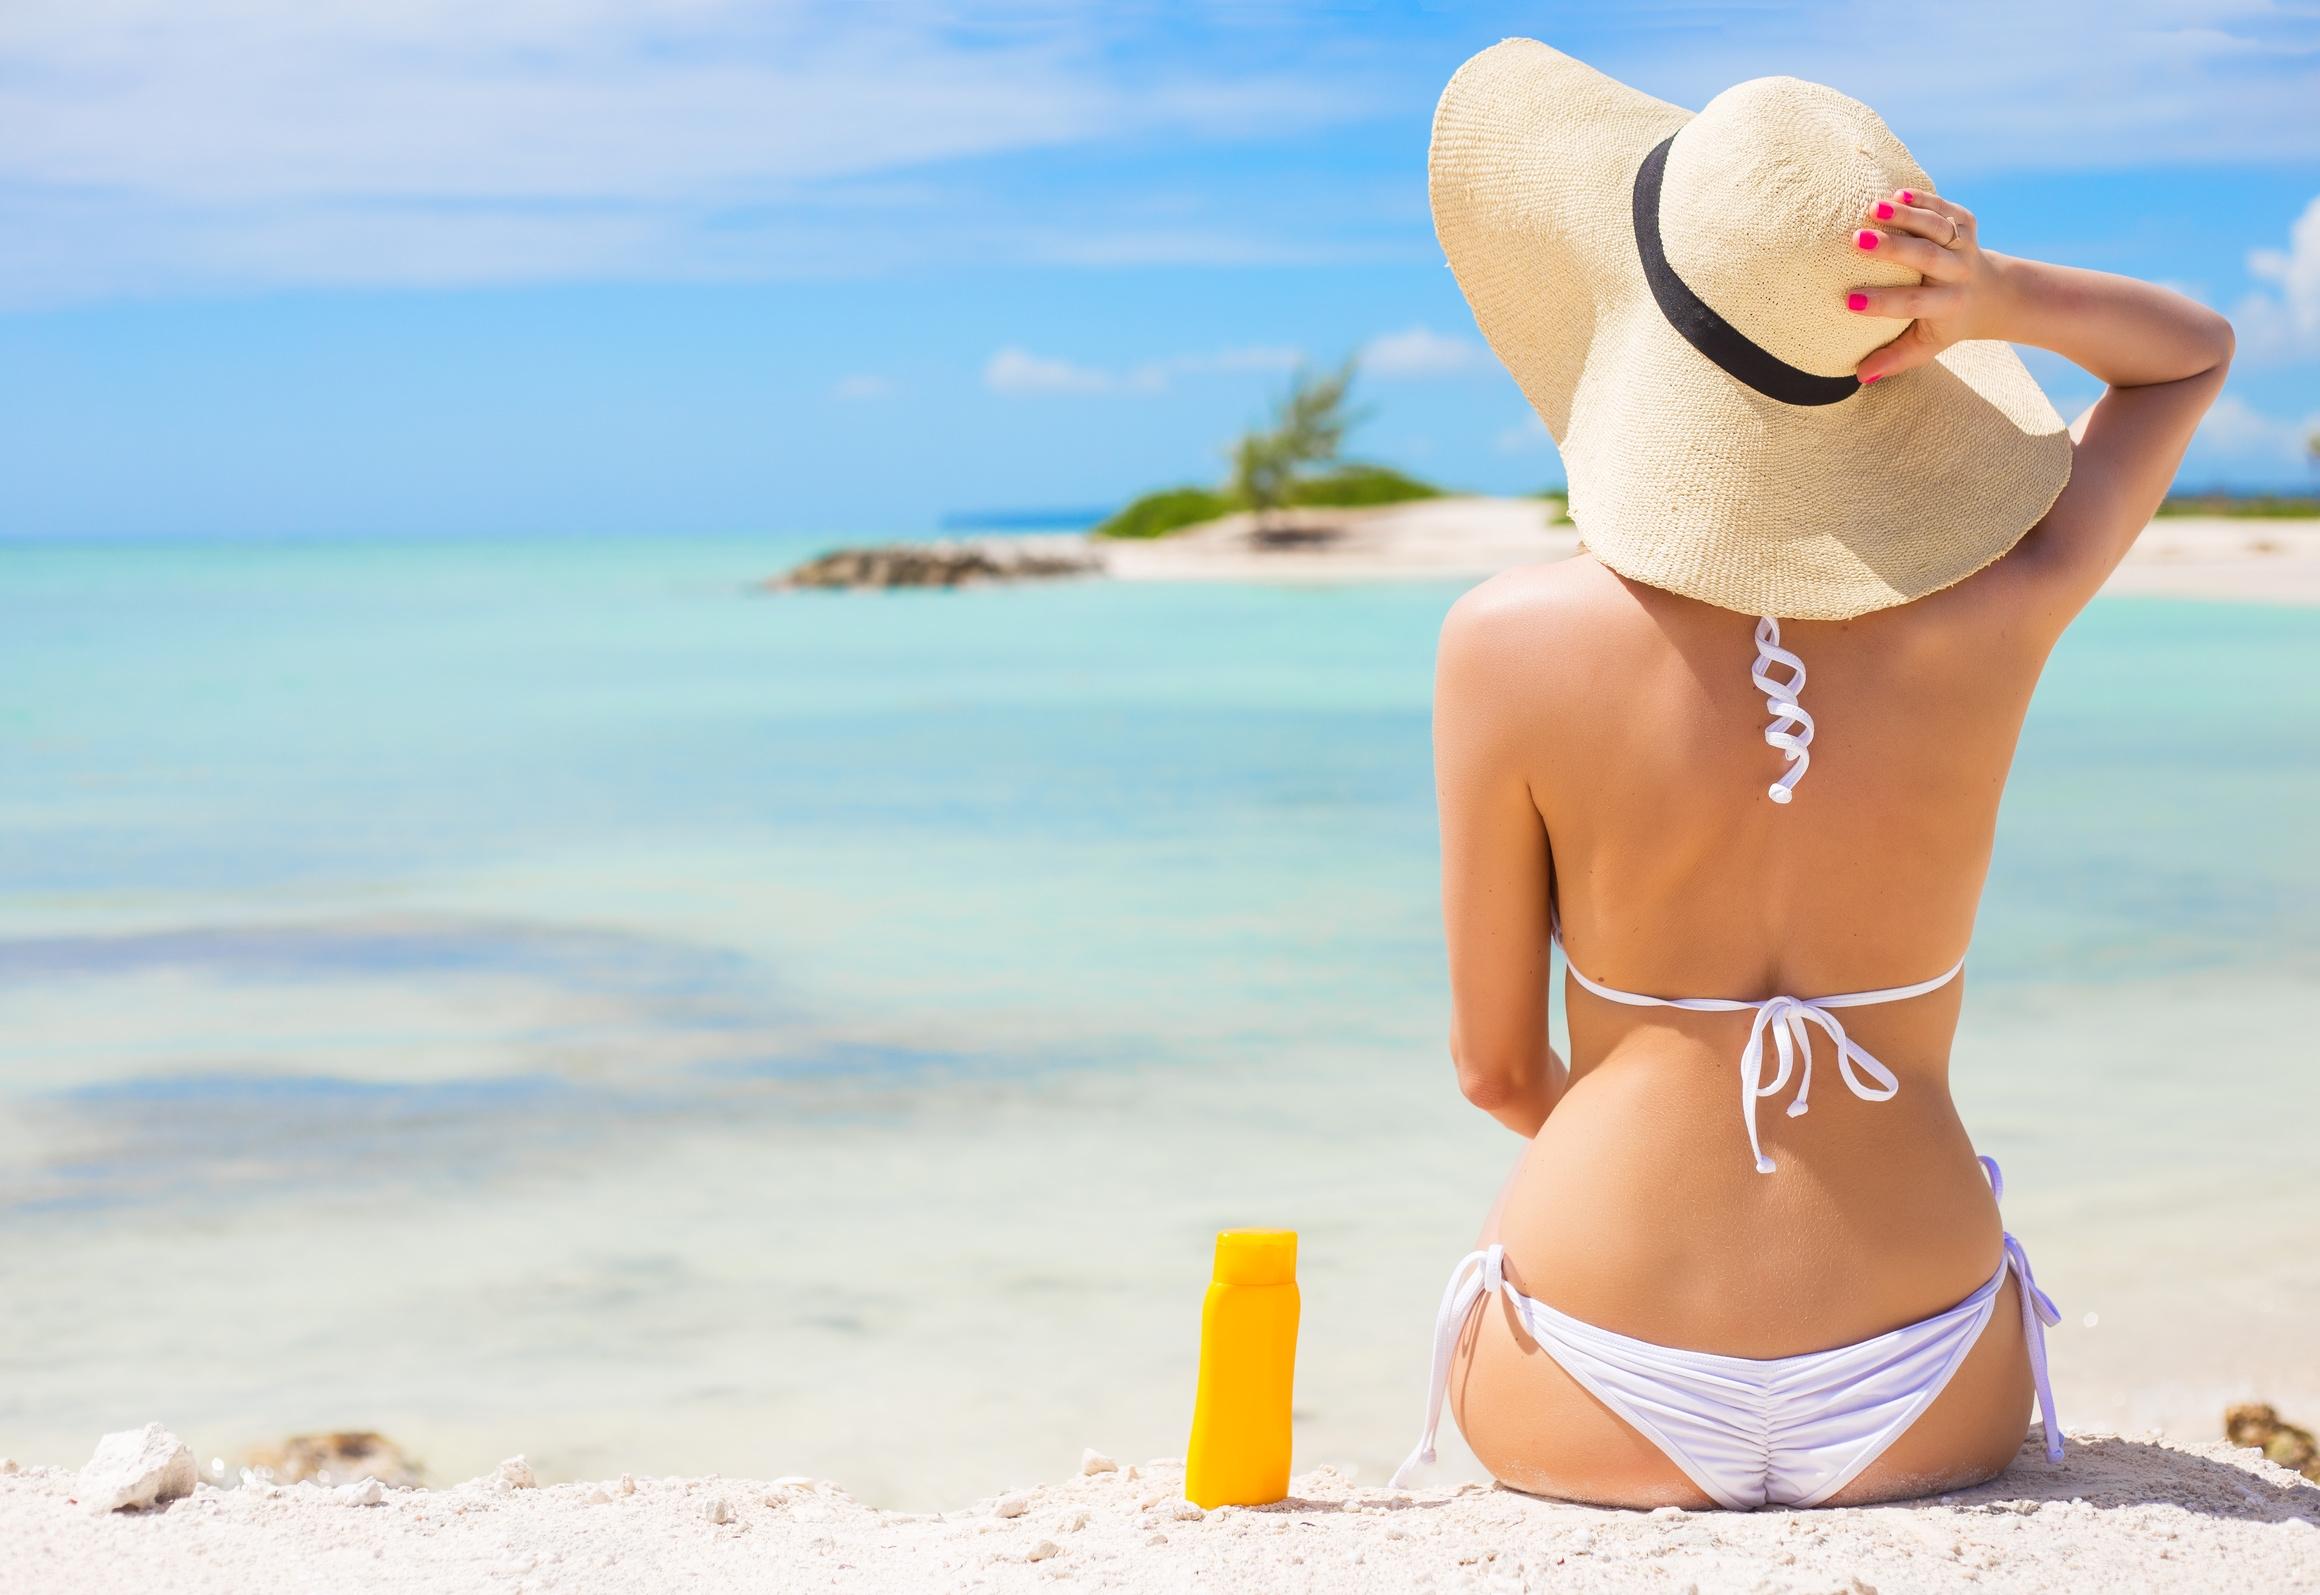 Consigli per un'abbronzatura senza pericoli per la pelle